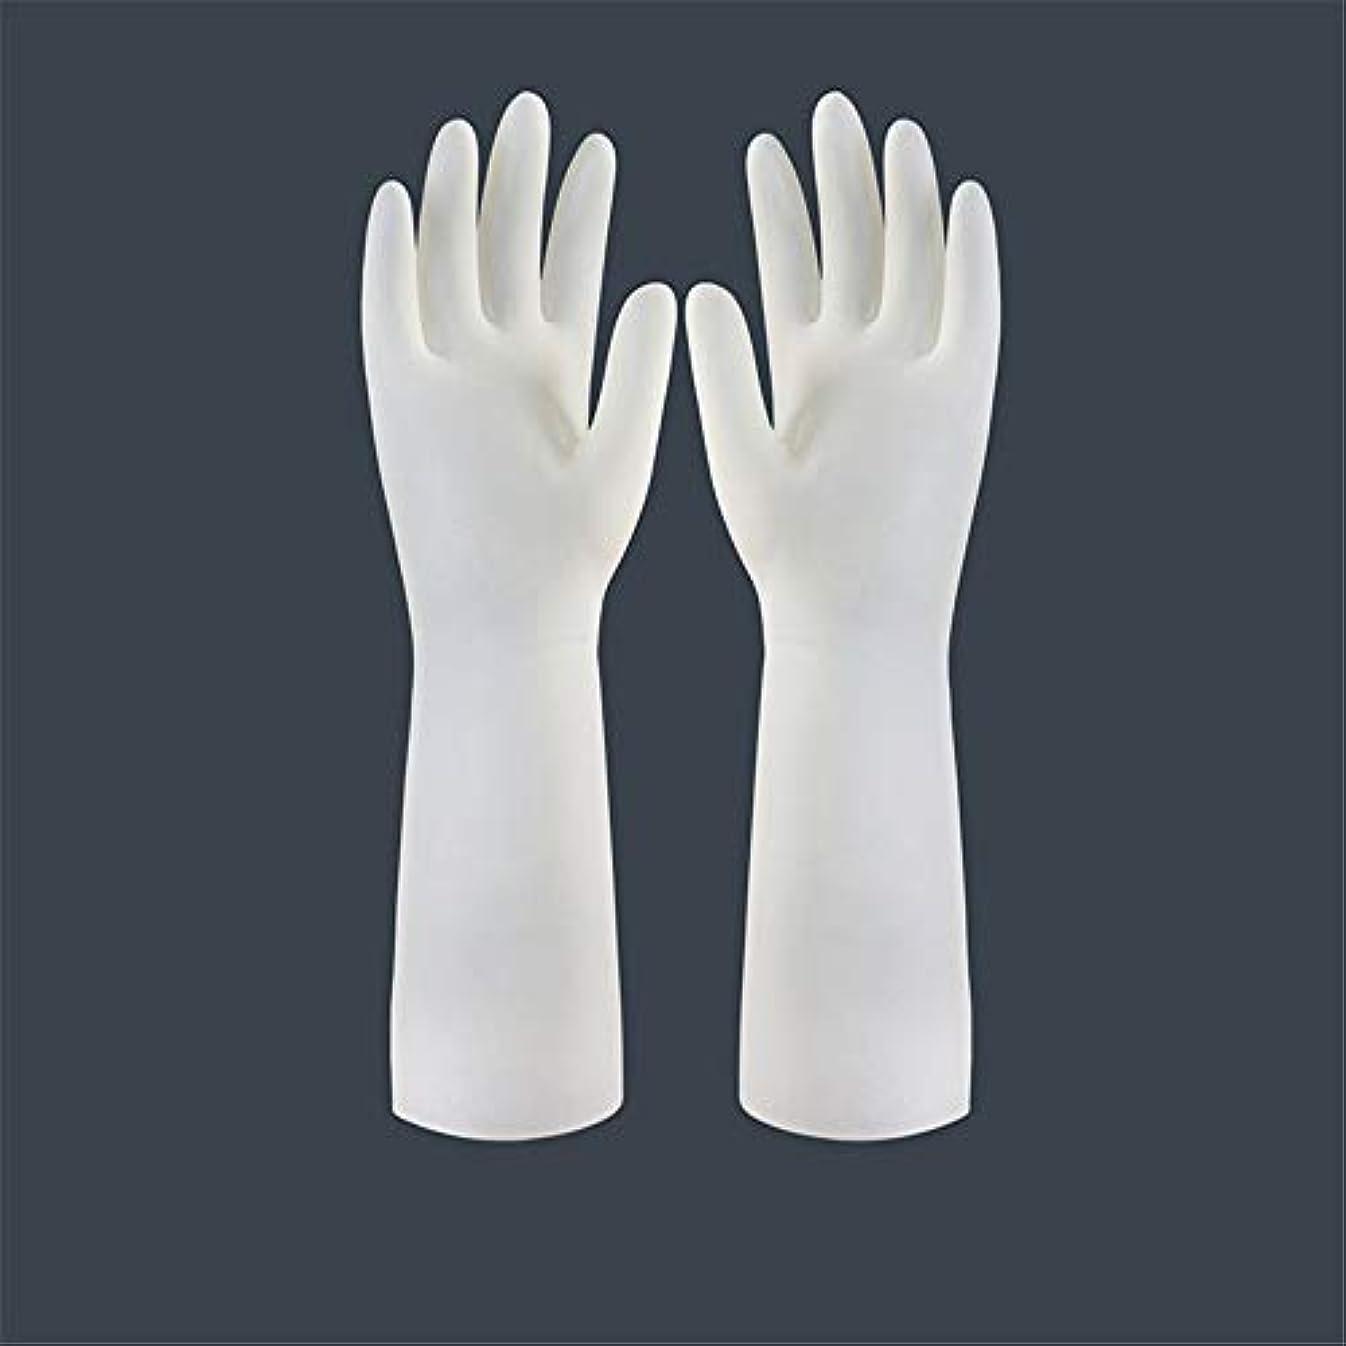 独占上げる悪魔BTXXYJP キッチン用手袋 手袋 食器洗い 作業 炊事 食器洗い 掃除 園芸 洗車 防水 防油 手袋 (Color : Long-1 pair, Size : L)